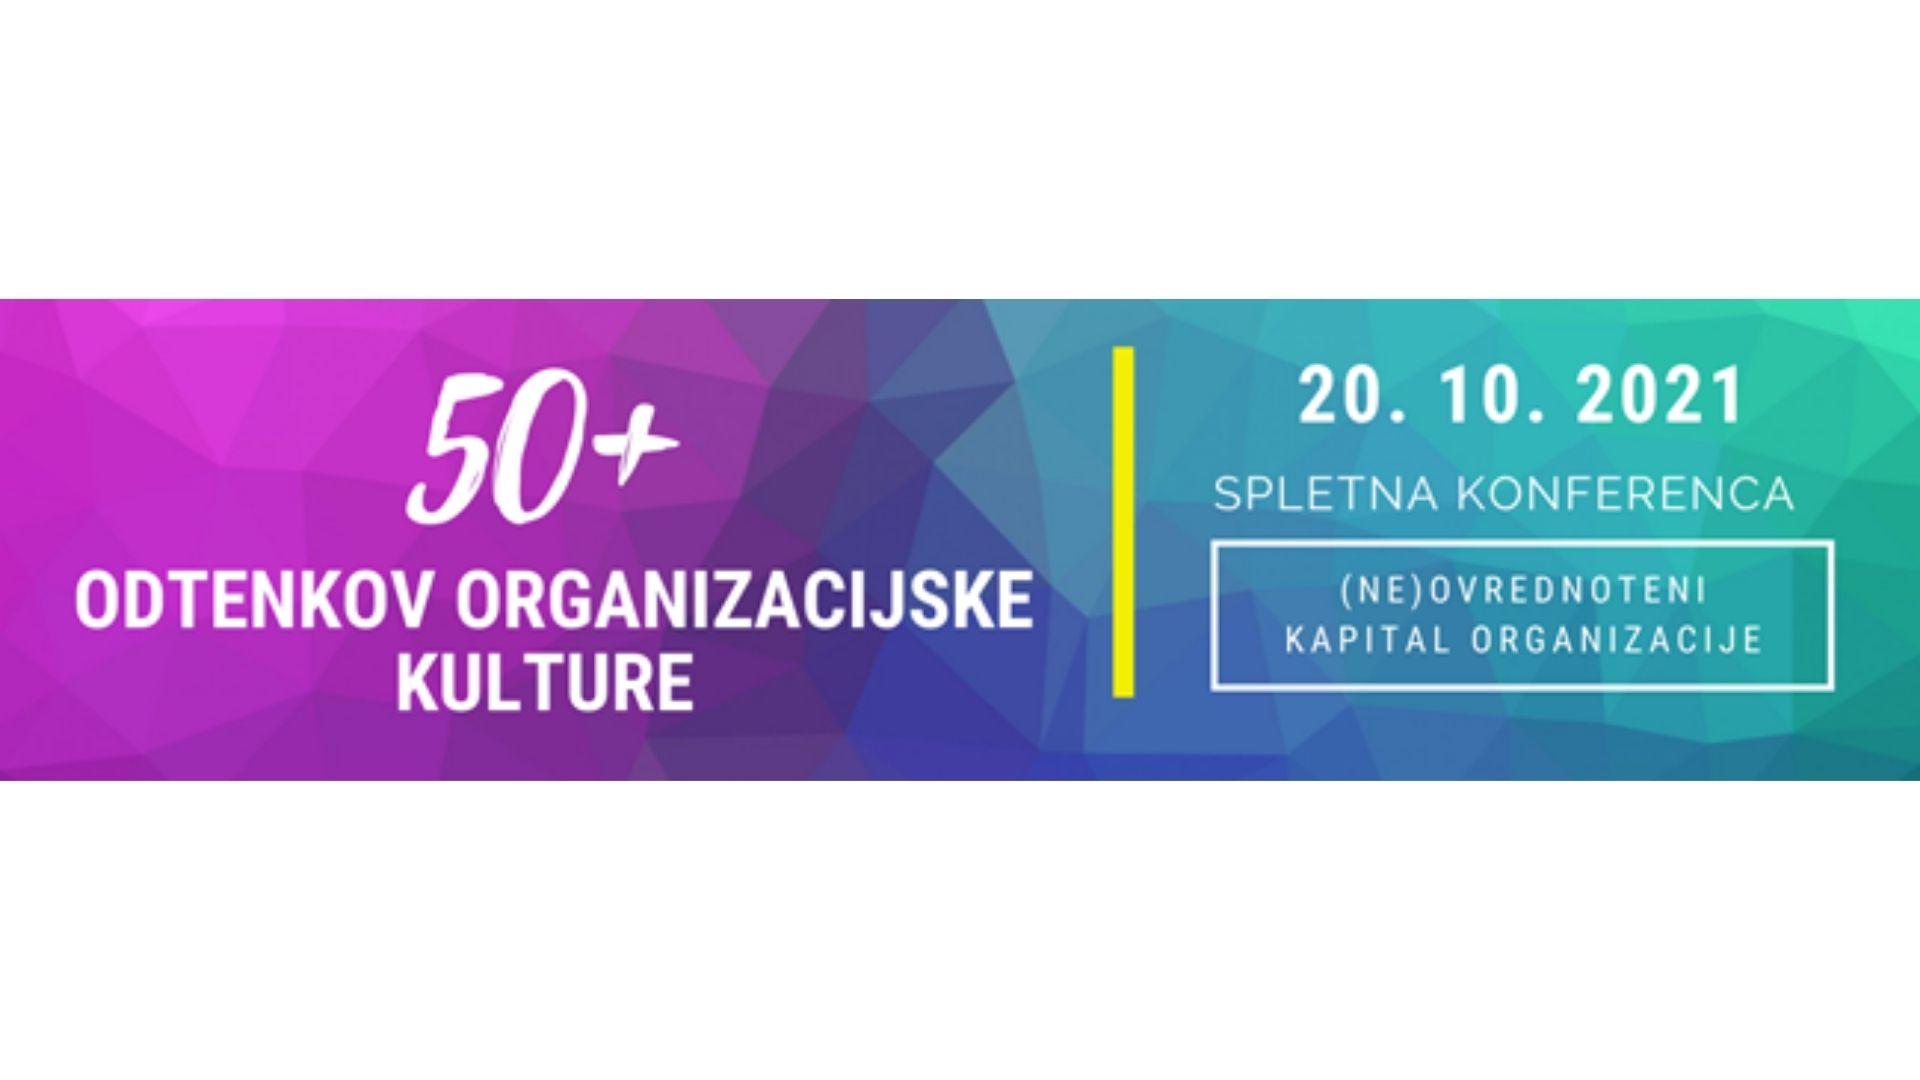 Spletna konferenca 50+ odtenkov organizacijske kulture - logotip